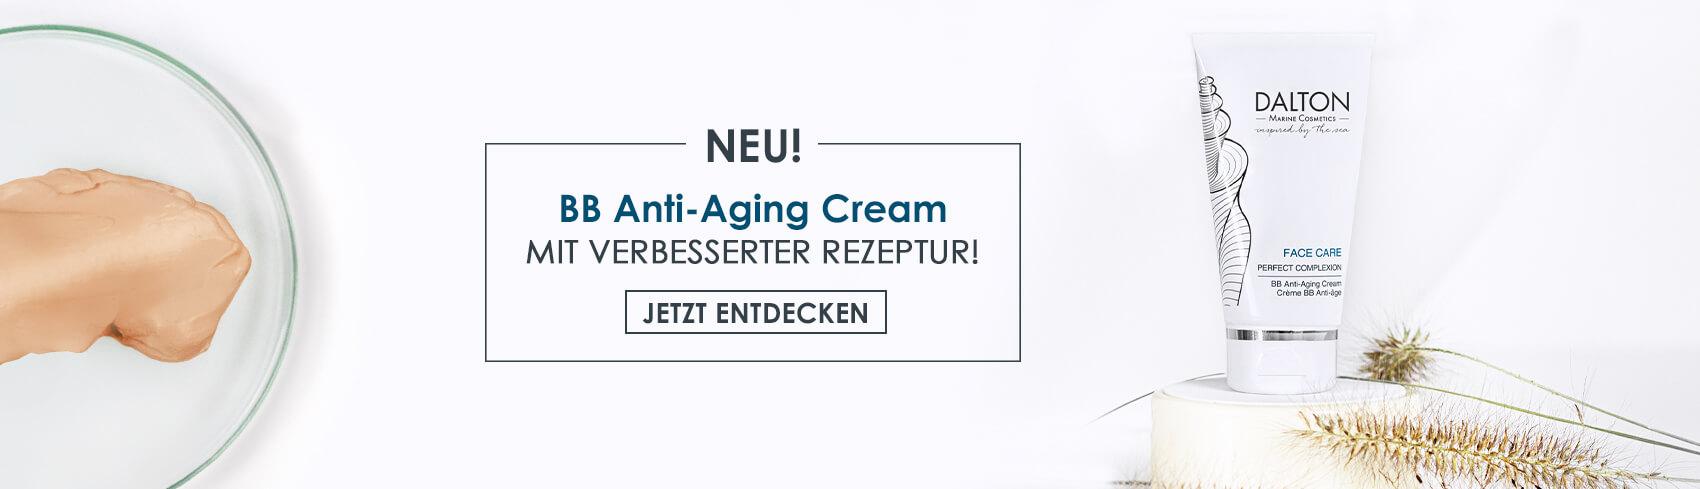 BB Anti-Aging Cream